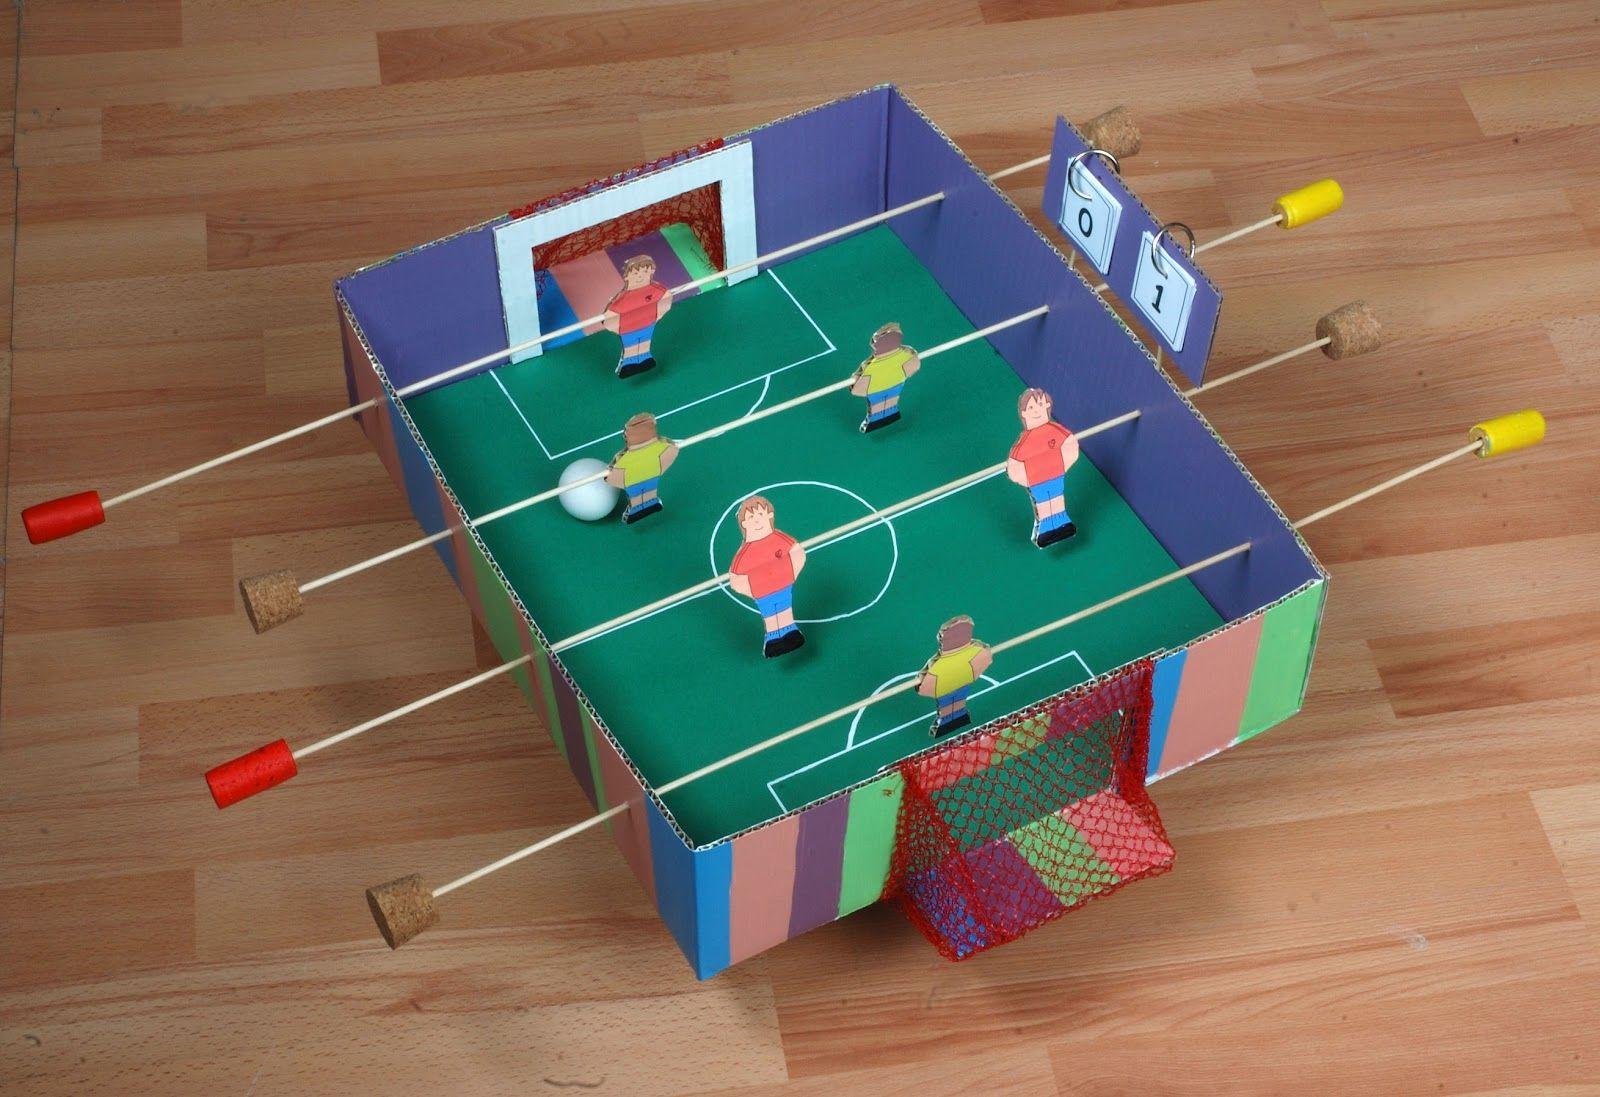 Si Eres Un Loco Del Futbol Organiza Tu Propia Liga En Casa Material Necesario 1 Caja De Carton Pintura Manualidades Juguetes Hechos En Casa Futbolin